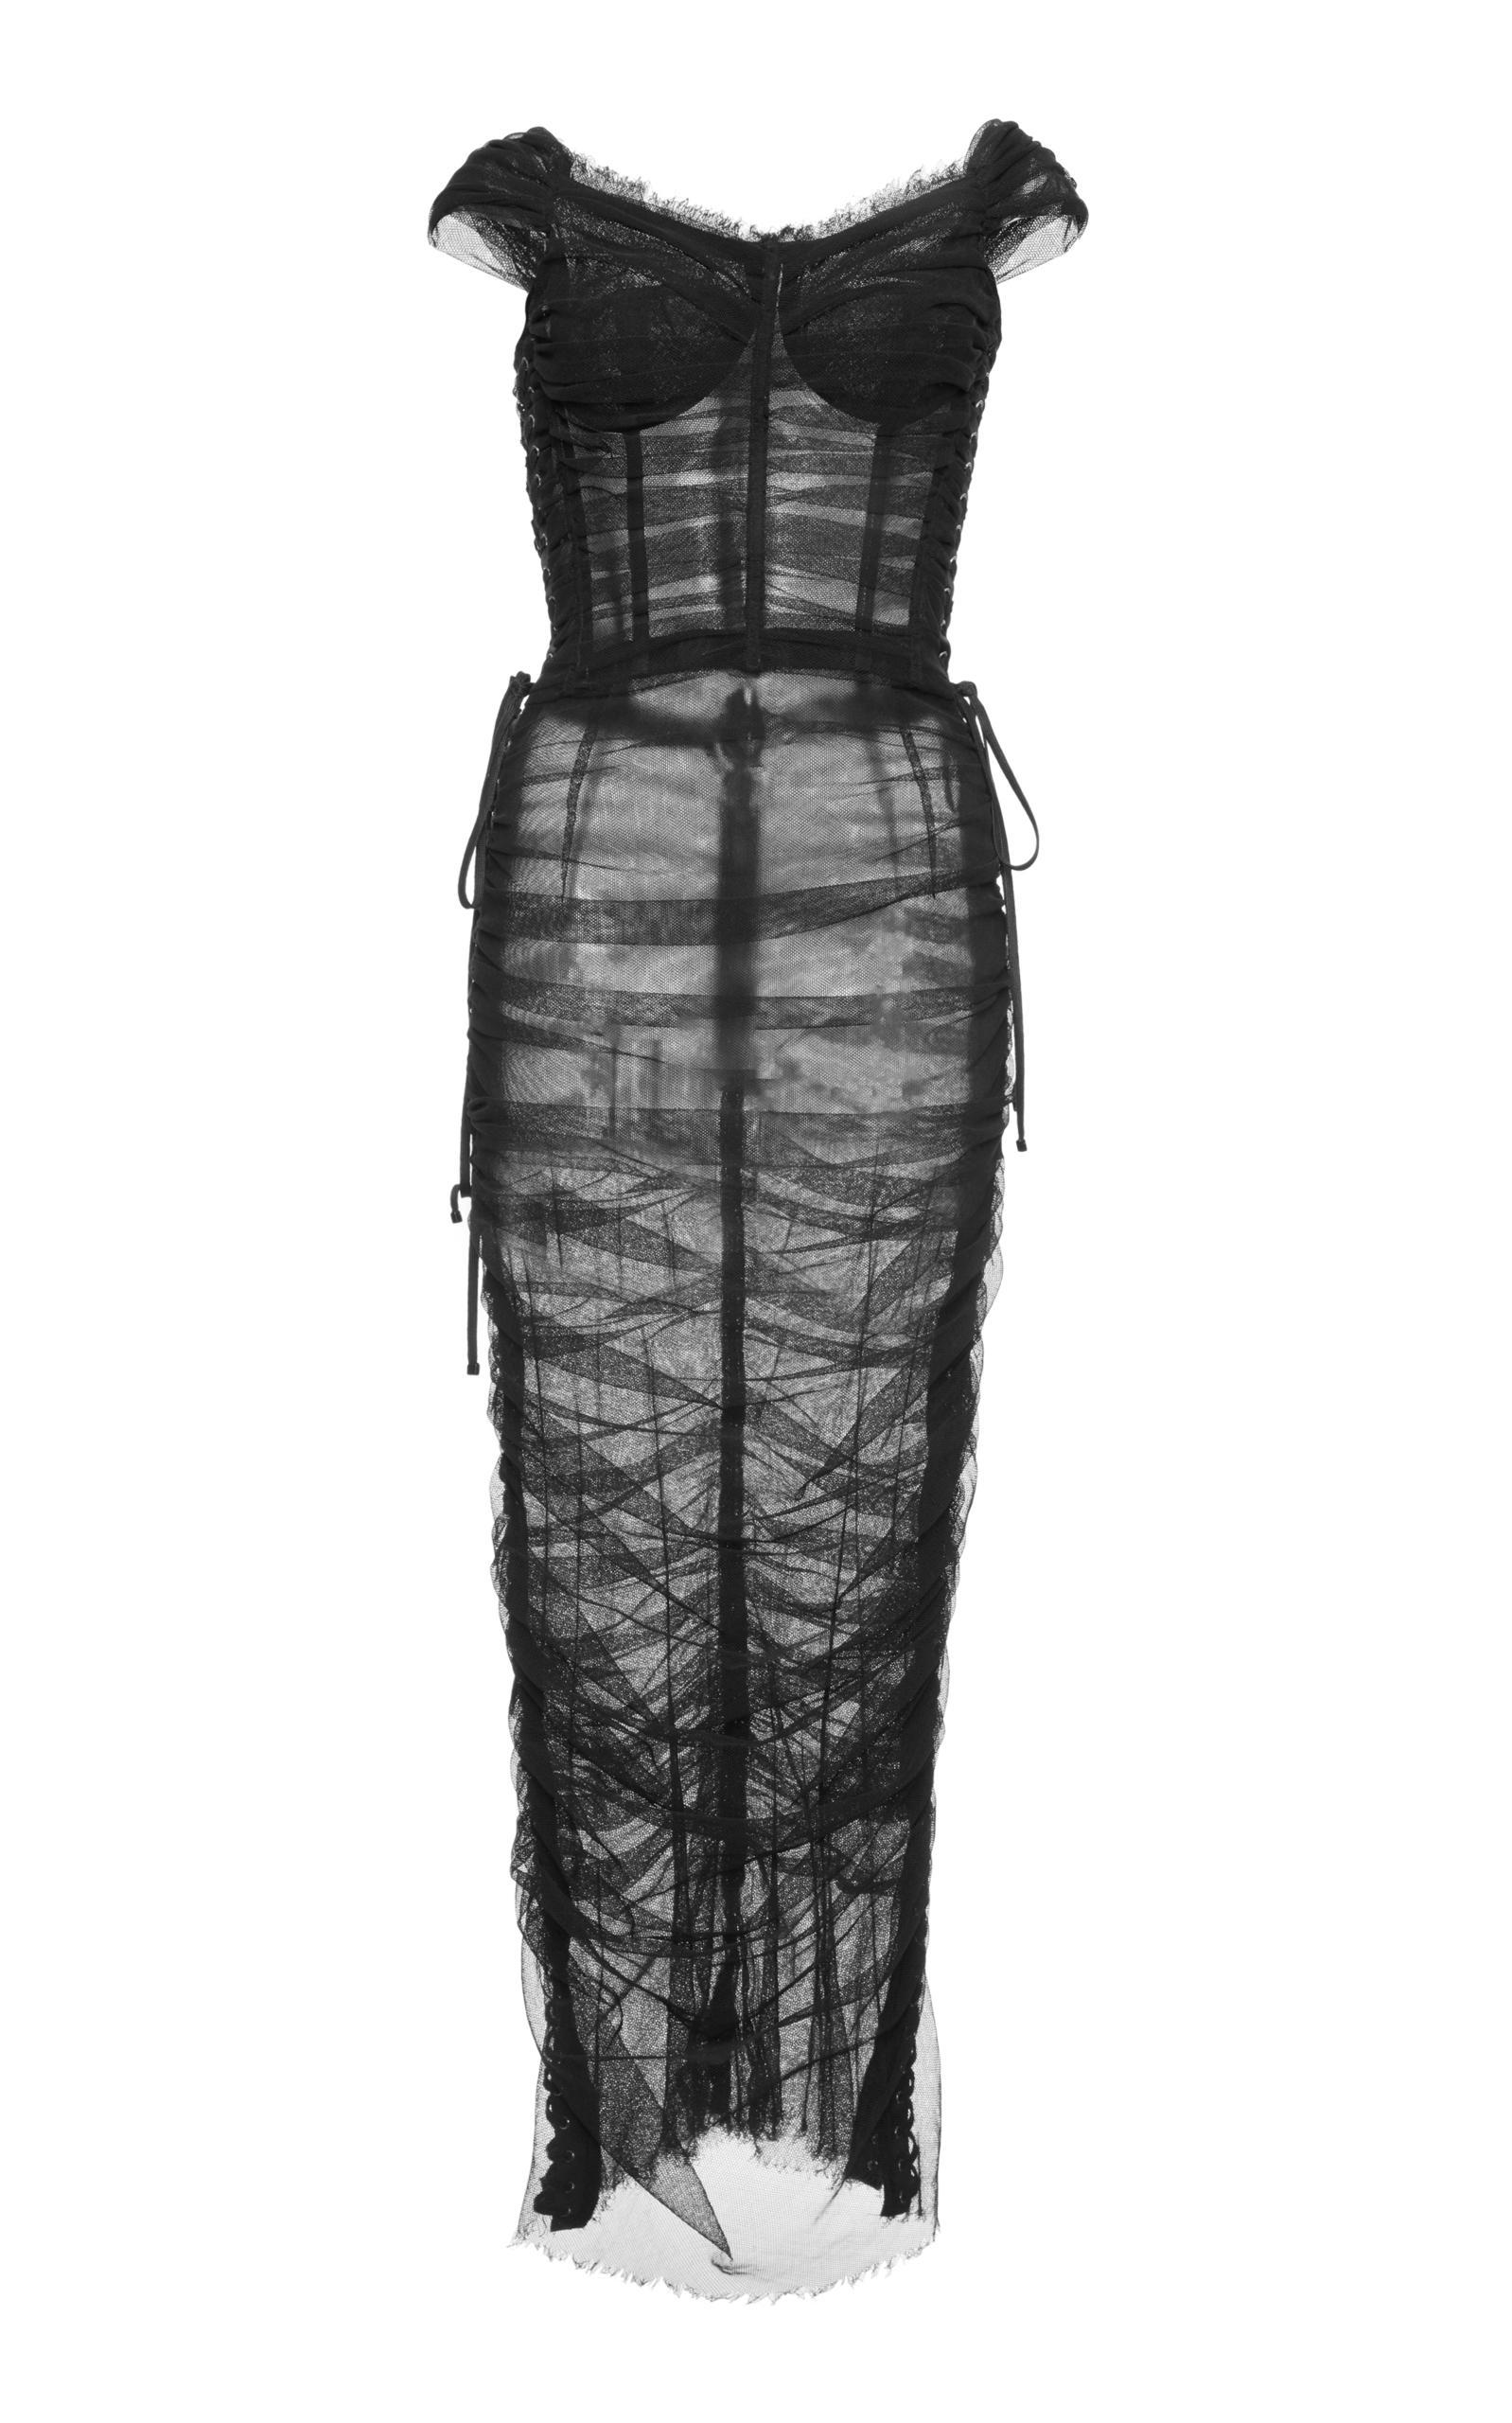 Dolce & Gabbana Off The Shoulder Ruched Dress In Black